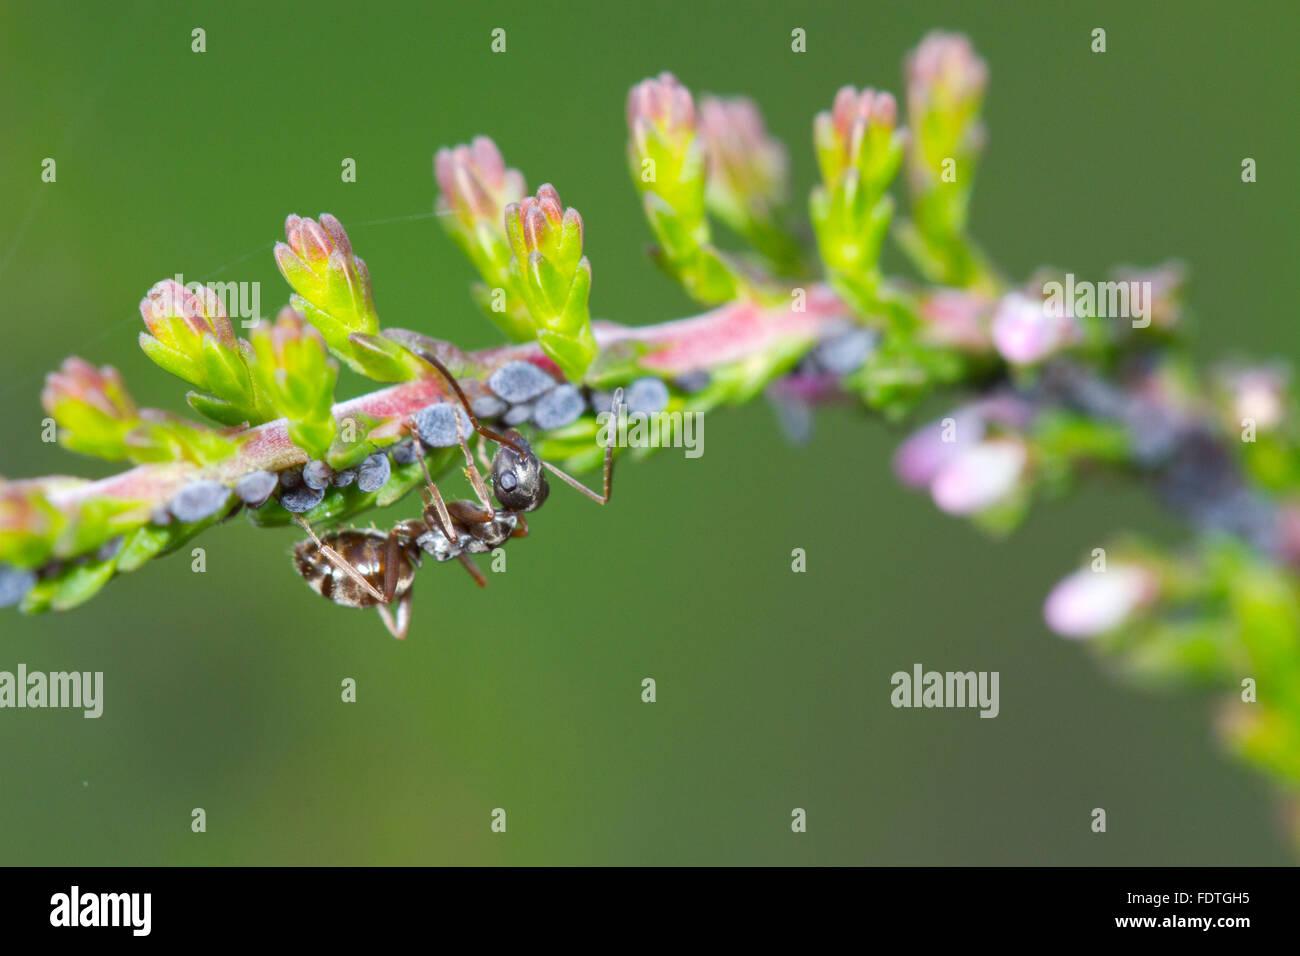 Negro Ameisen (Formica Fusca) Erwachsene Arbeitnehmer tendenziell Blattläuse auf gemeinsame Heather oder Ling (Calluna Vulgaris). Powys, Wales. September. Stockfoto